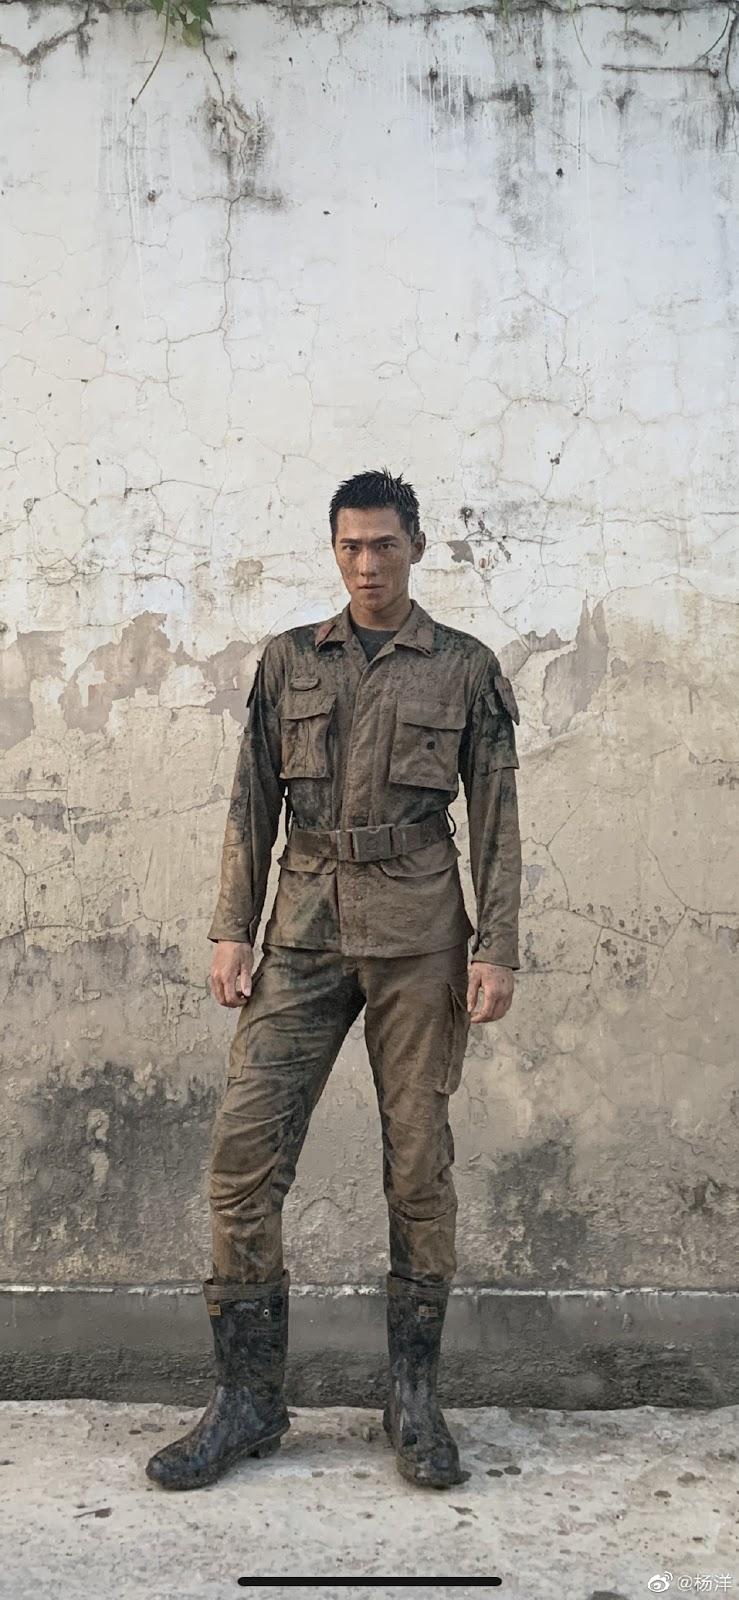 Yang Yang Gets Buff and Tough for His Upcoming Military